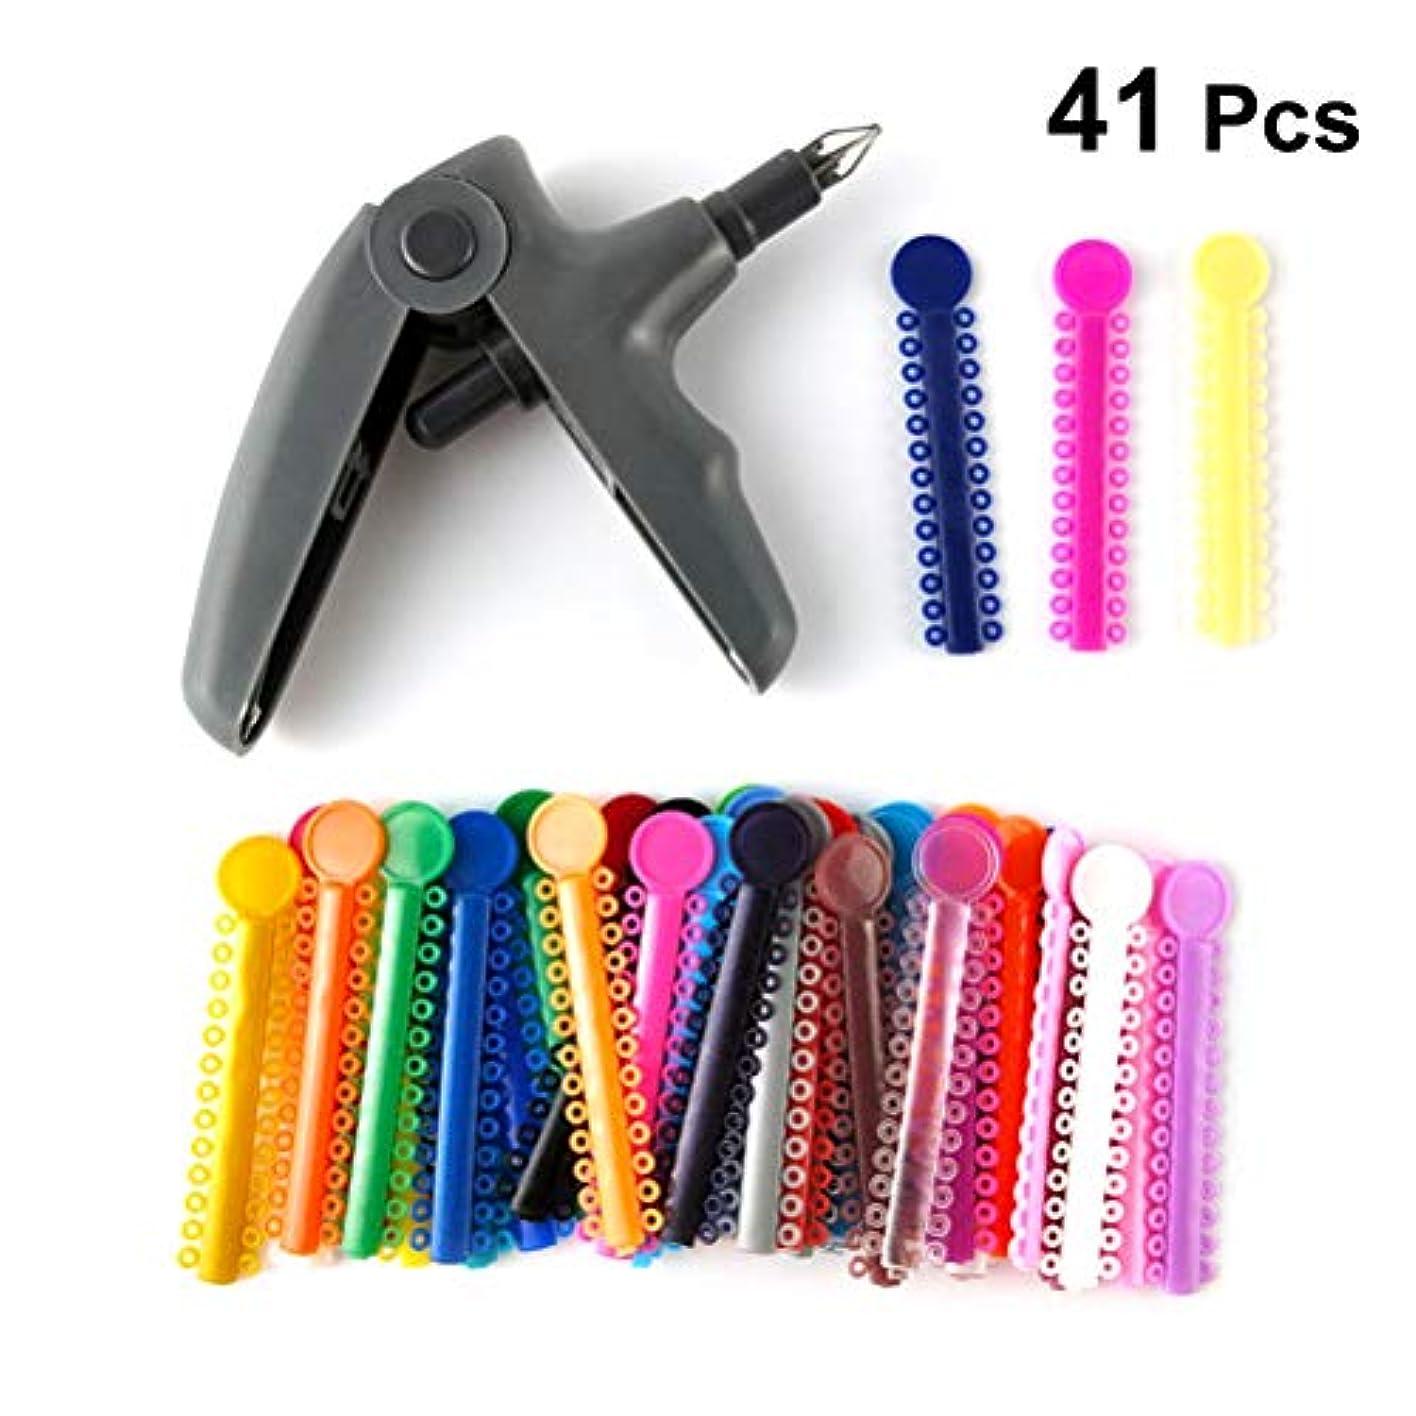 忠実な汚れる腐敗したROSENICE 40PS歯科矯正結紮は、合併した色と結紮手シャンクを結びつける